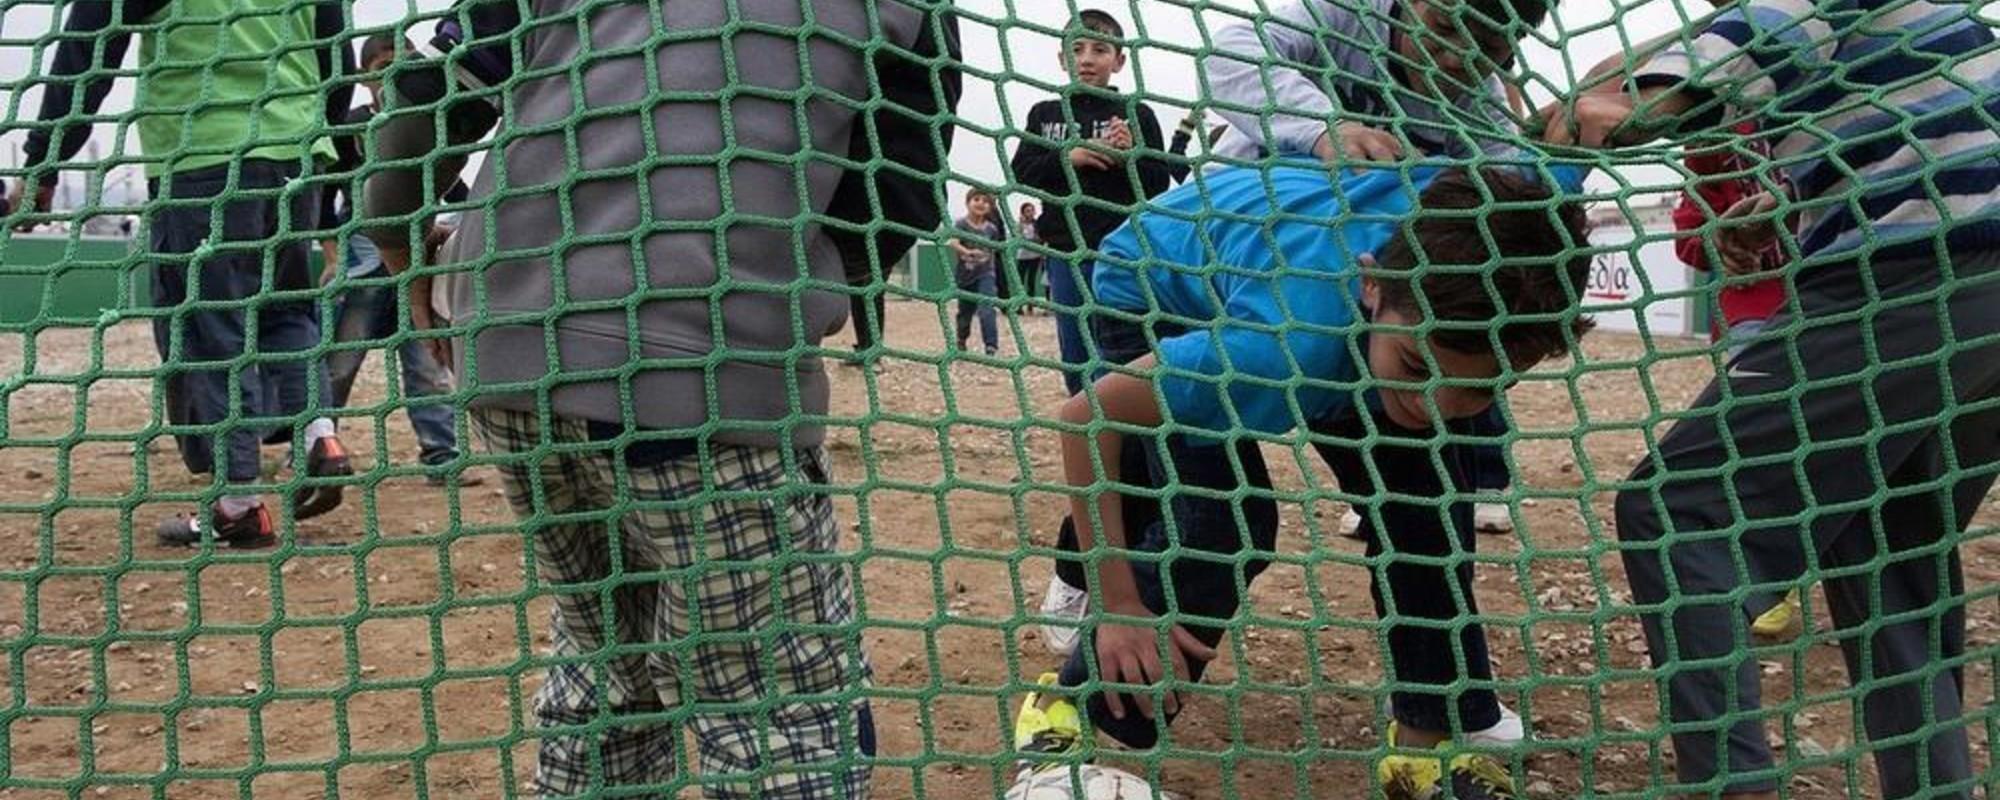 Fotografii de la meciul de fotbal dintre refugiații și homleșii din Grecia